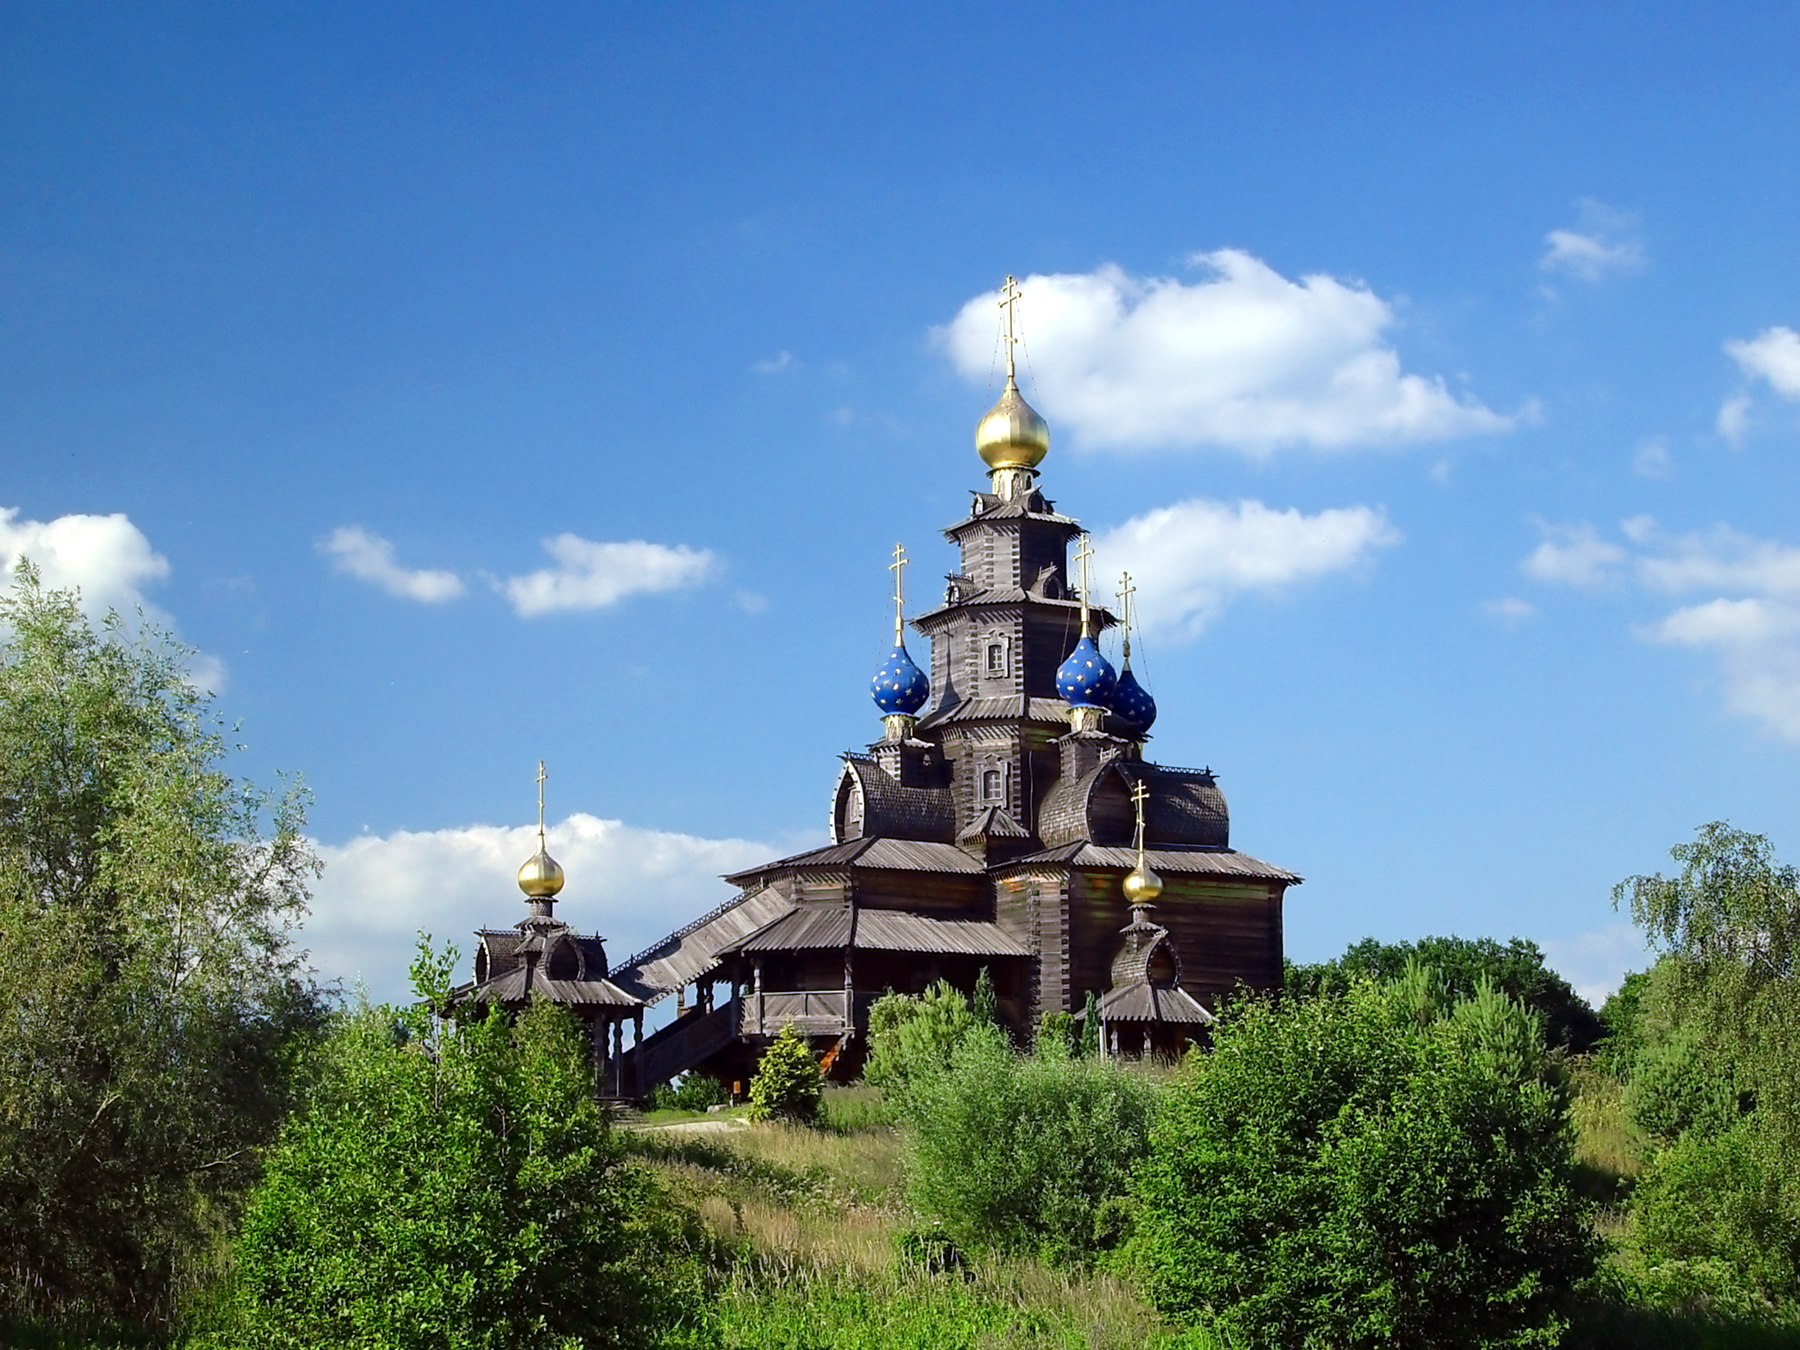 Bild von Gifhorn (Landkreis): Gifhorn Russisch-Orthodoxe Kirche